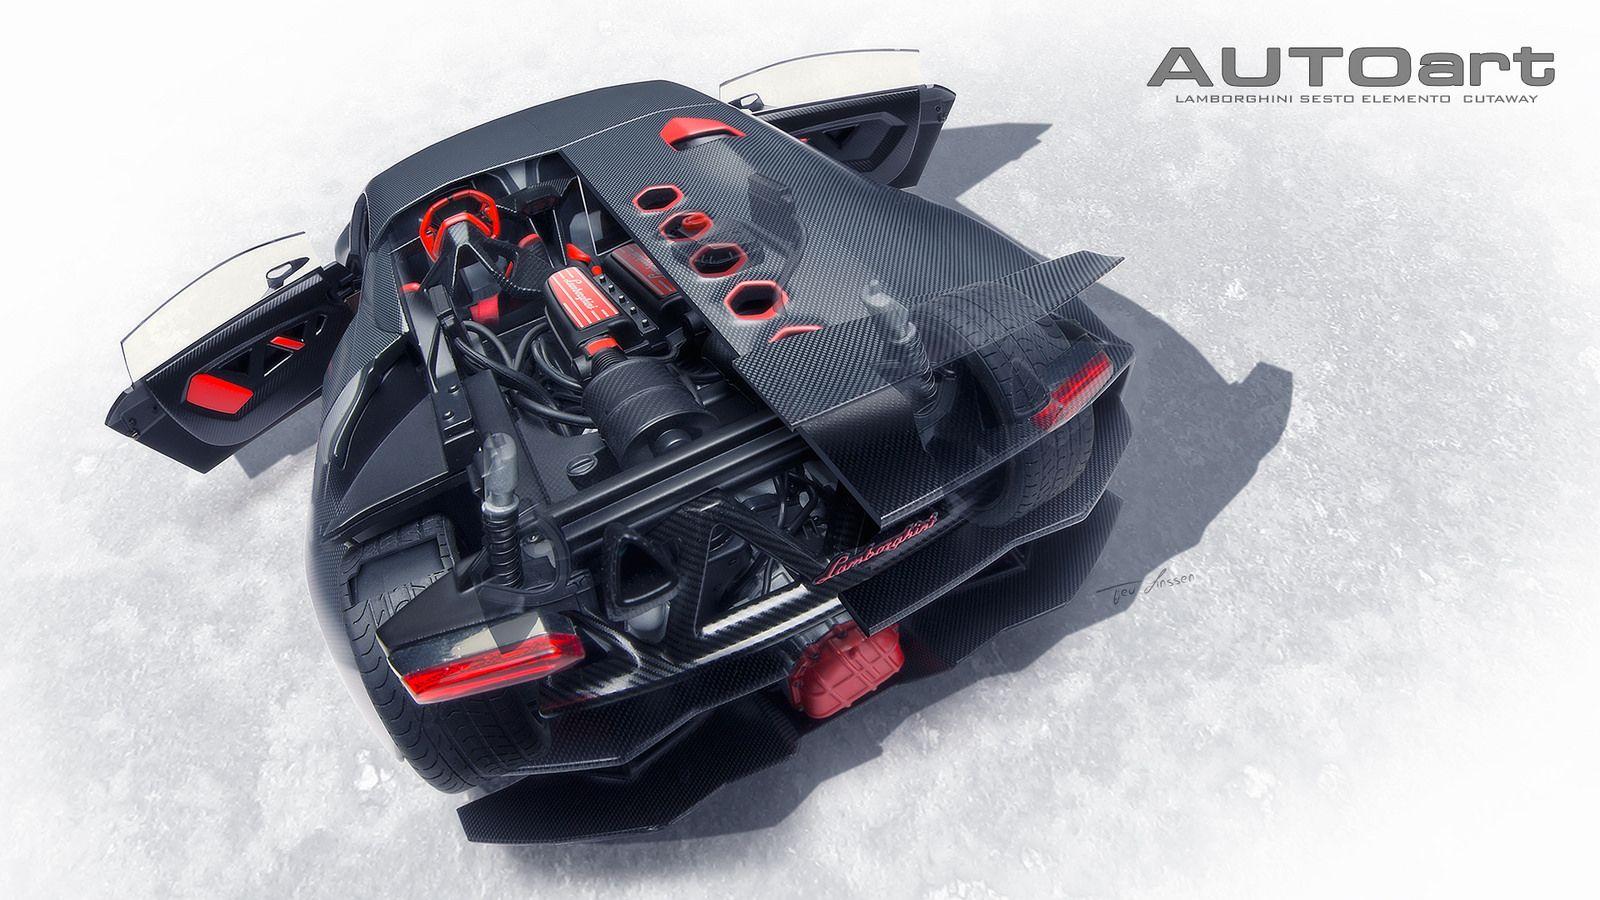 Lamborghini Sesto Elemento Cutaway Cars Lamborghini Cutaway Cars